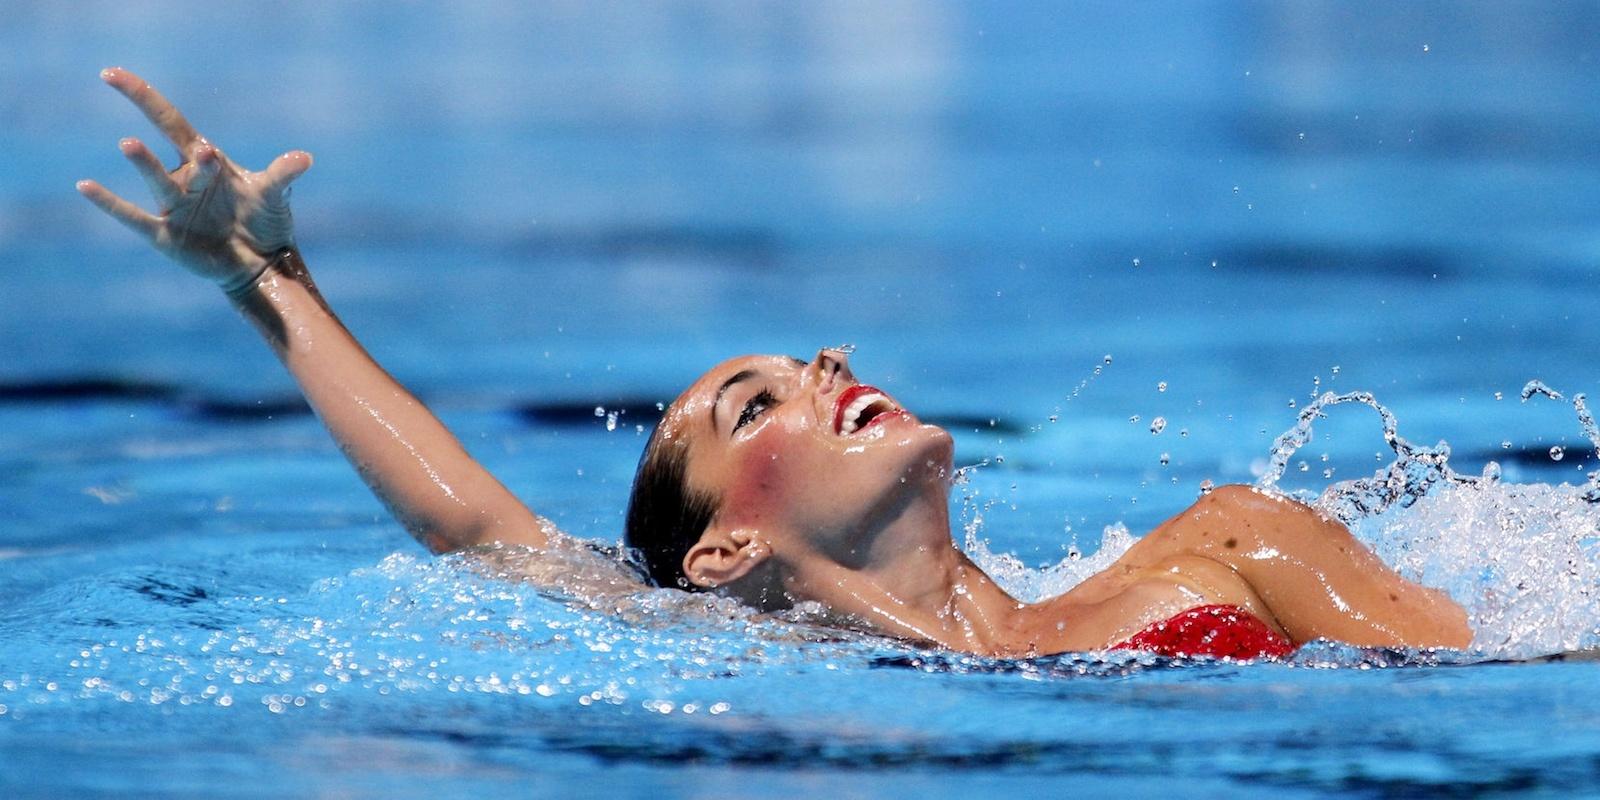 Danzare nell'acqua con il nuoto sincronizzato